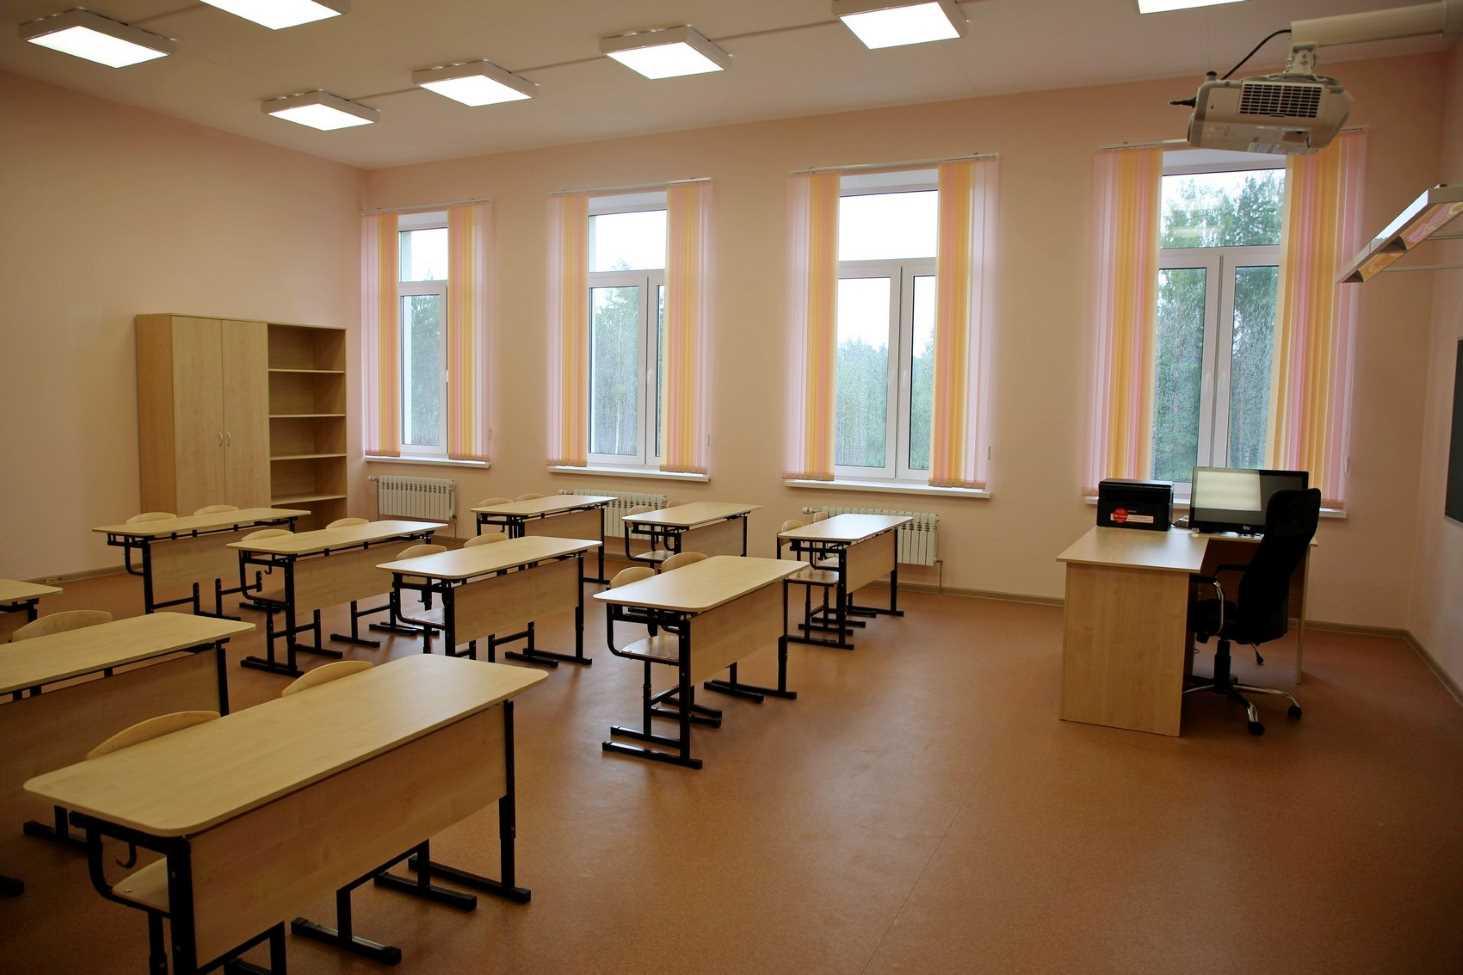 chto-izmenitsya-v-sisteme-obrazovaniya-v-2020-godu